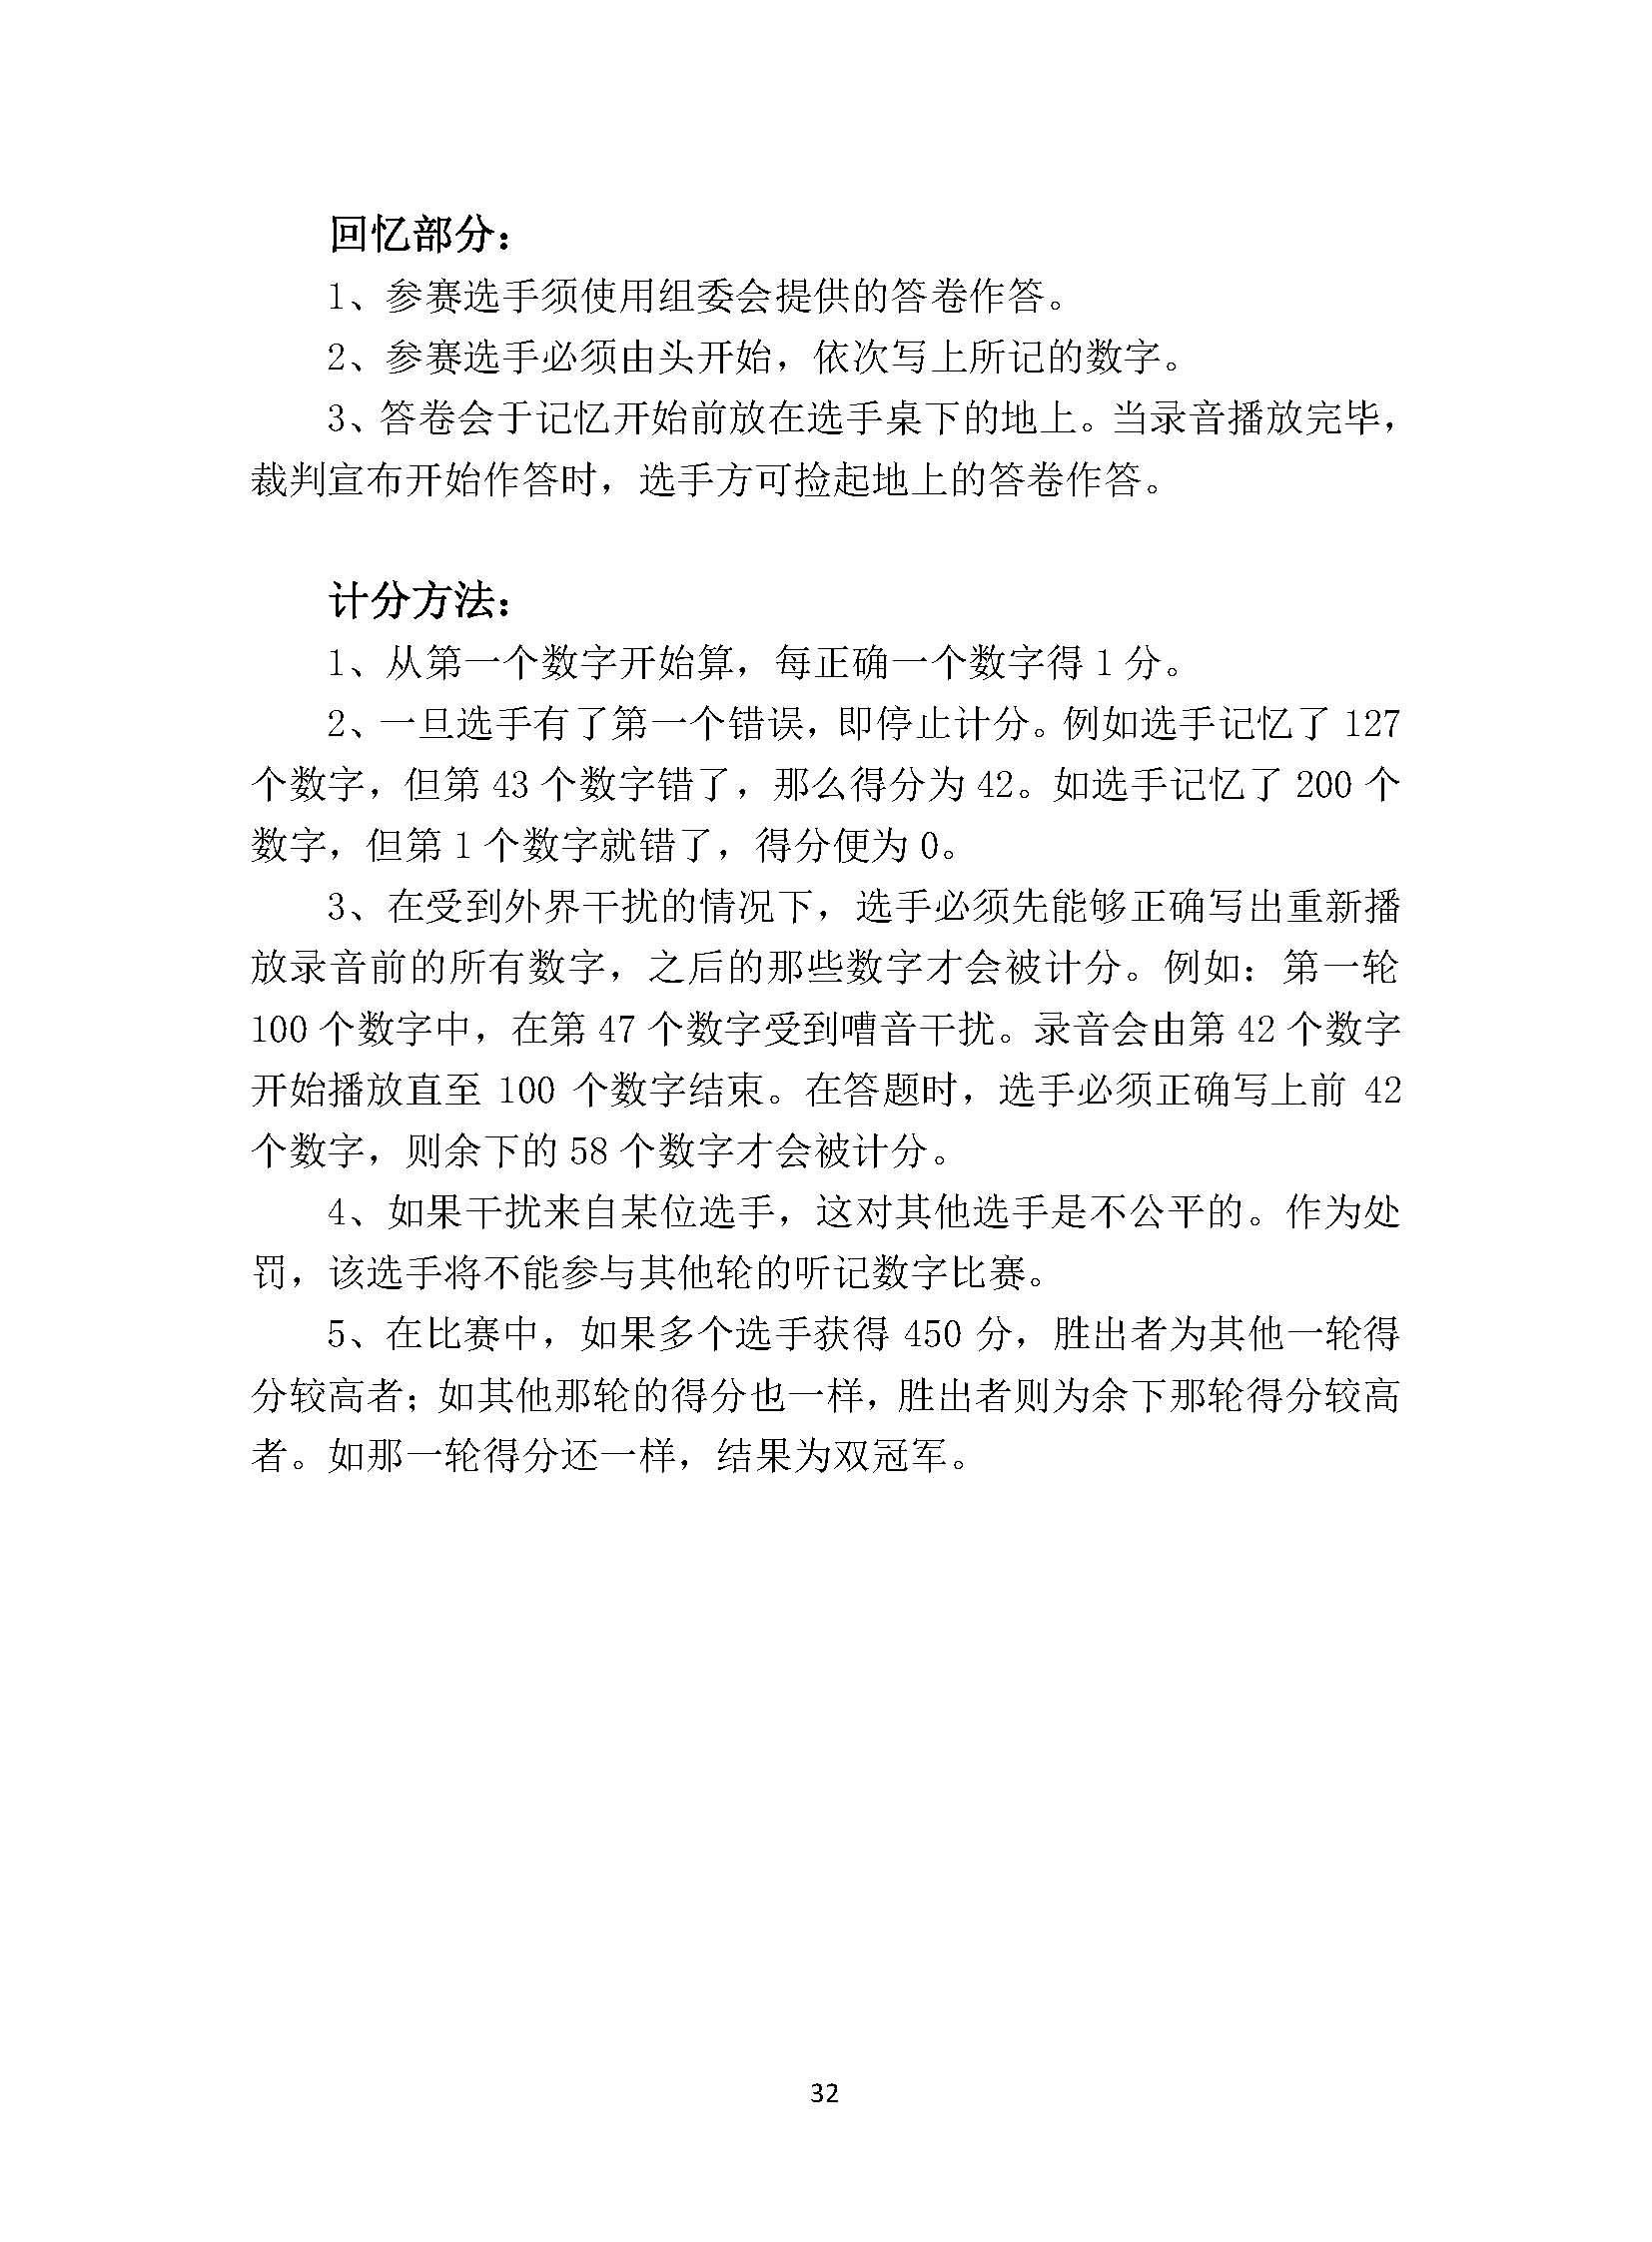 2019WMC选手训练手册-十大项目规则_页面_32